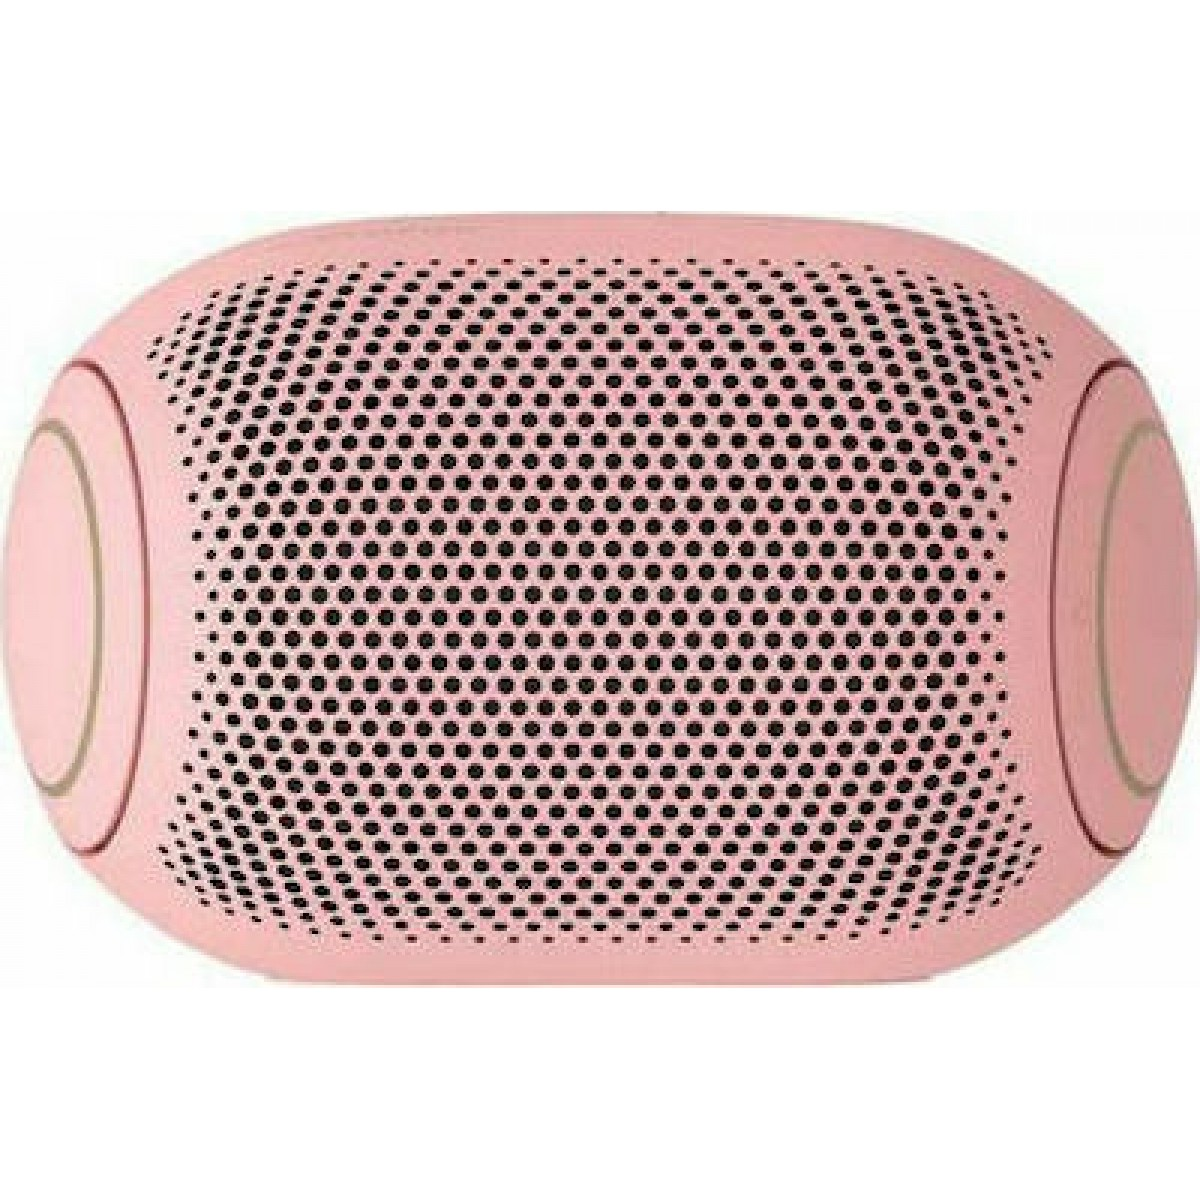 Ηχείο LG XBOOM Go PL2P Bluetooth Soundbar